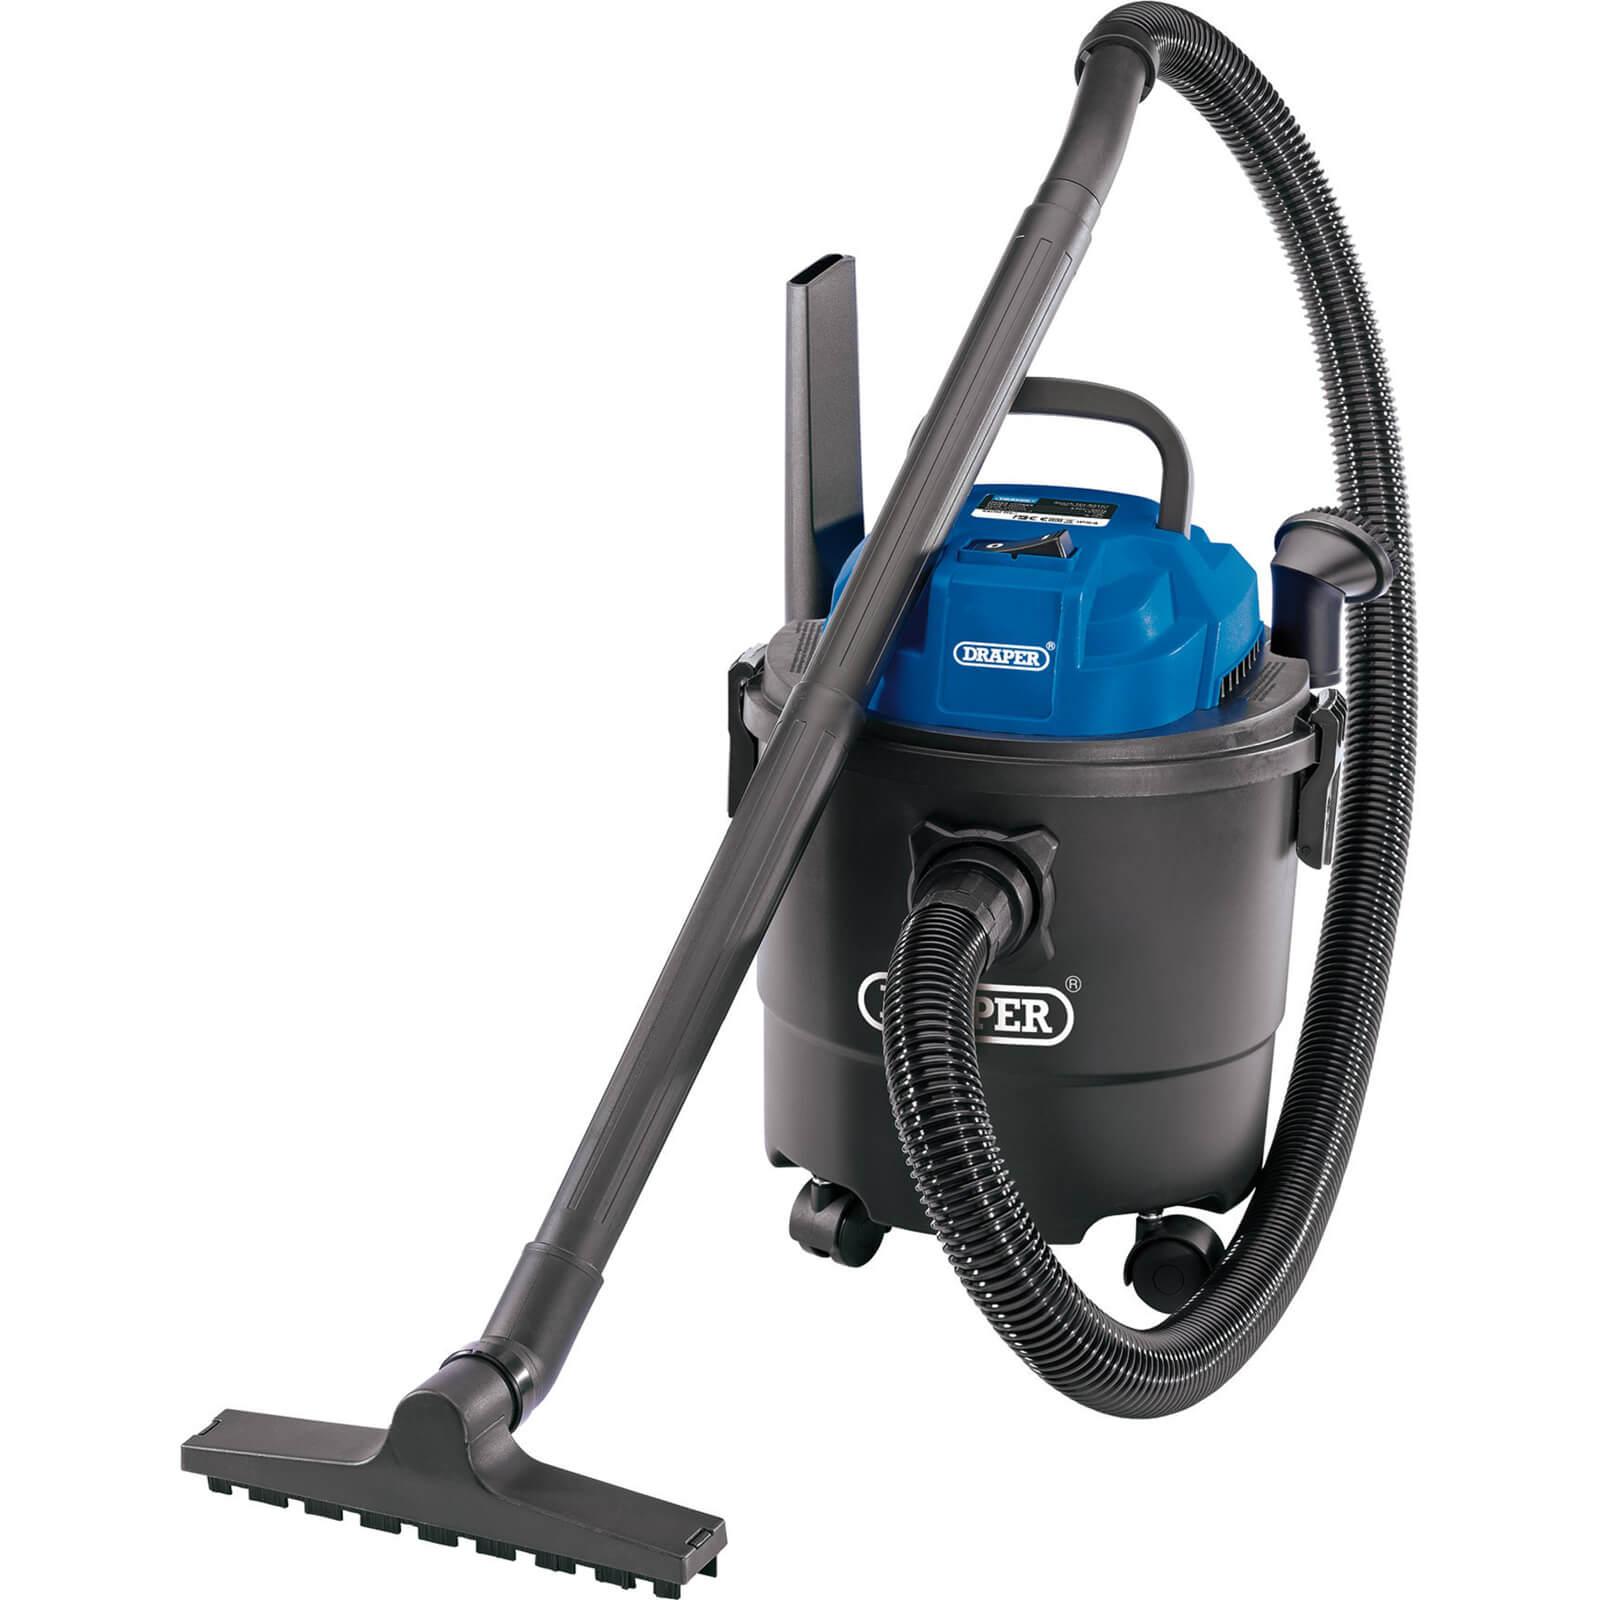 Draper WDV15P Wet and Dry Vacuum Cleaner 240v